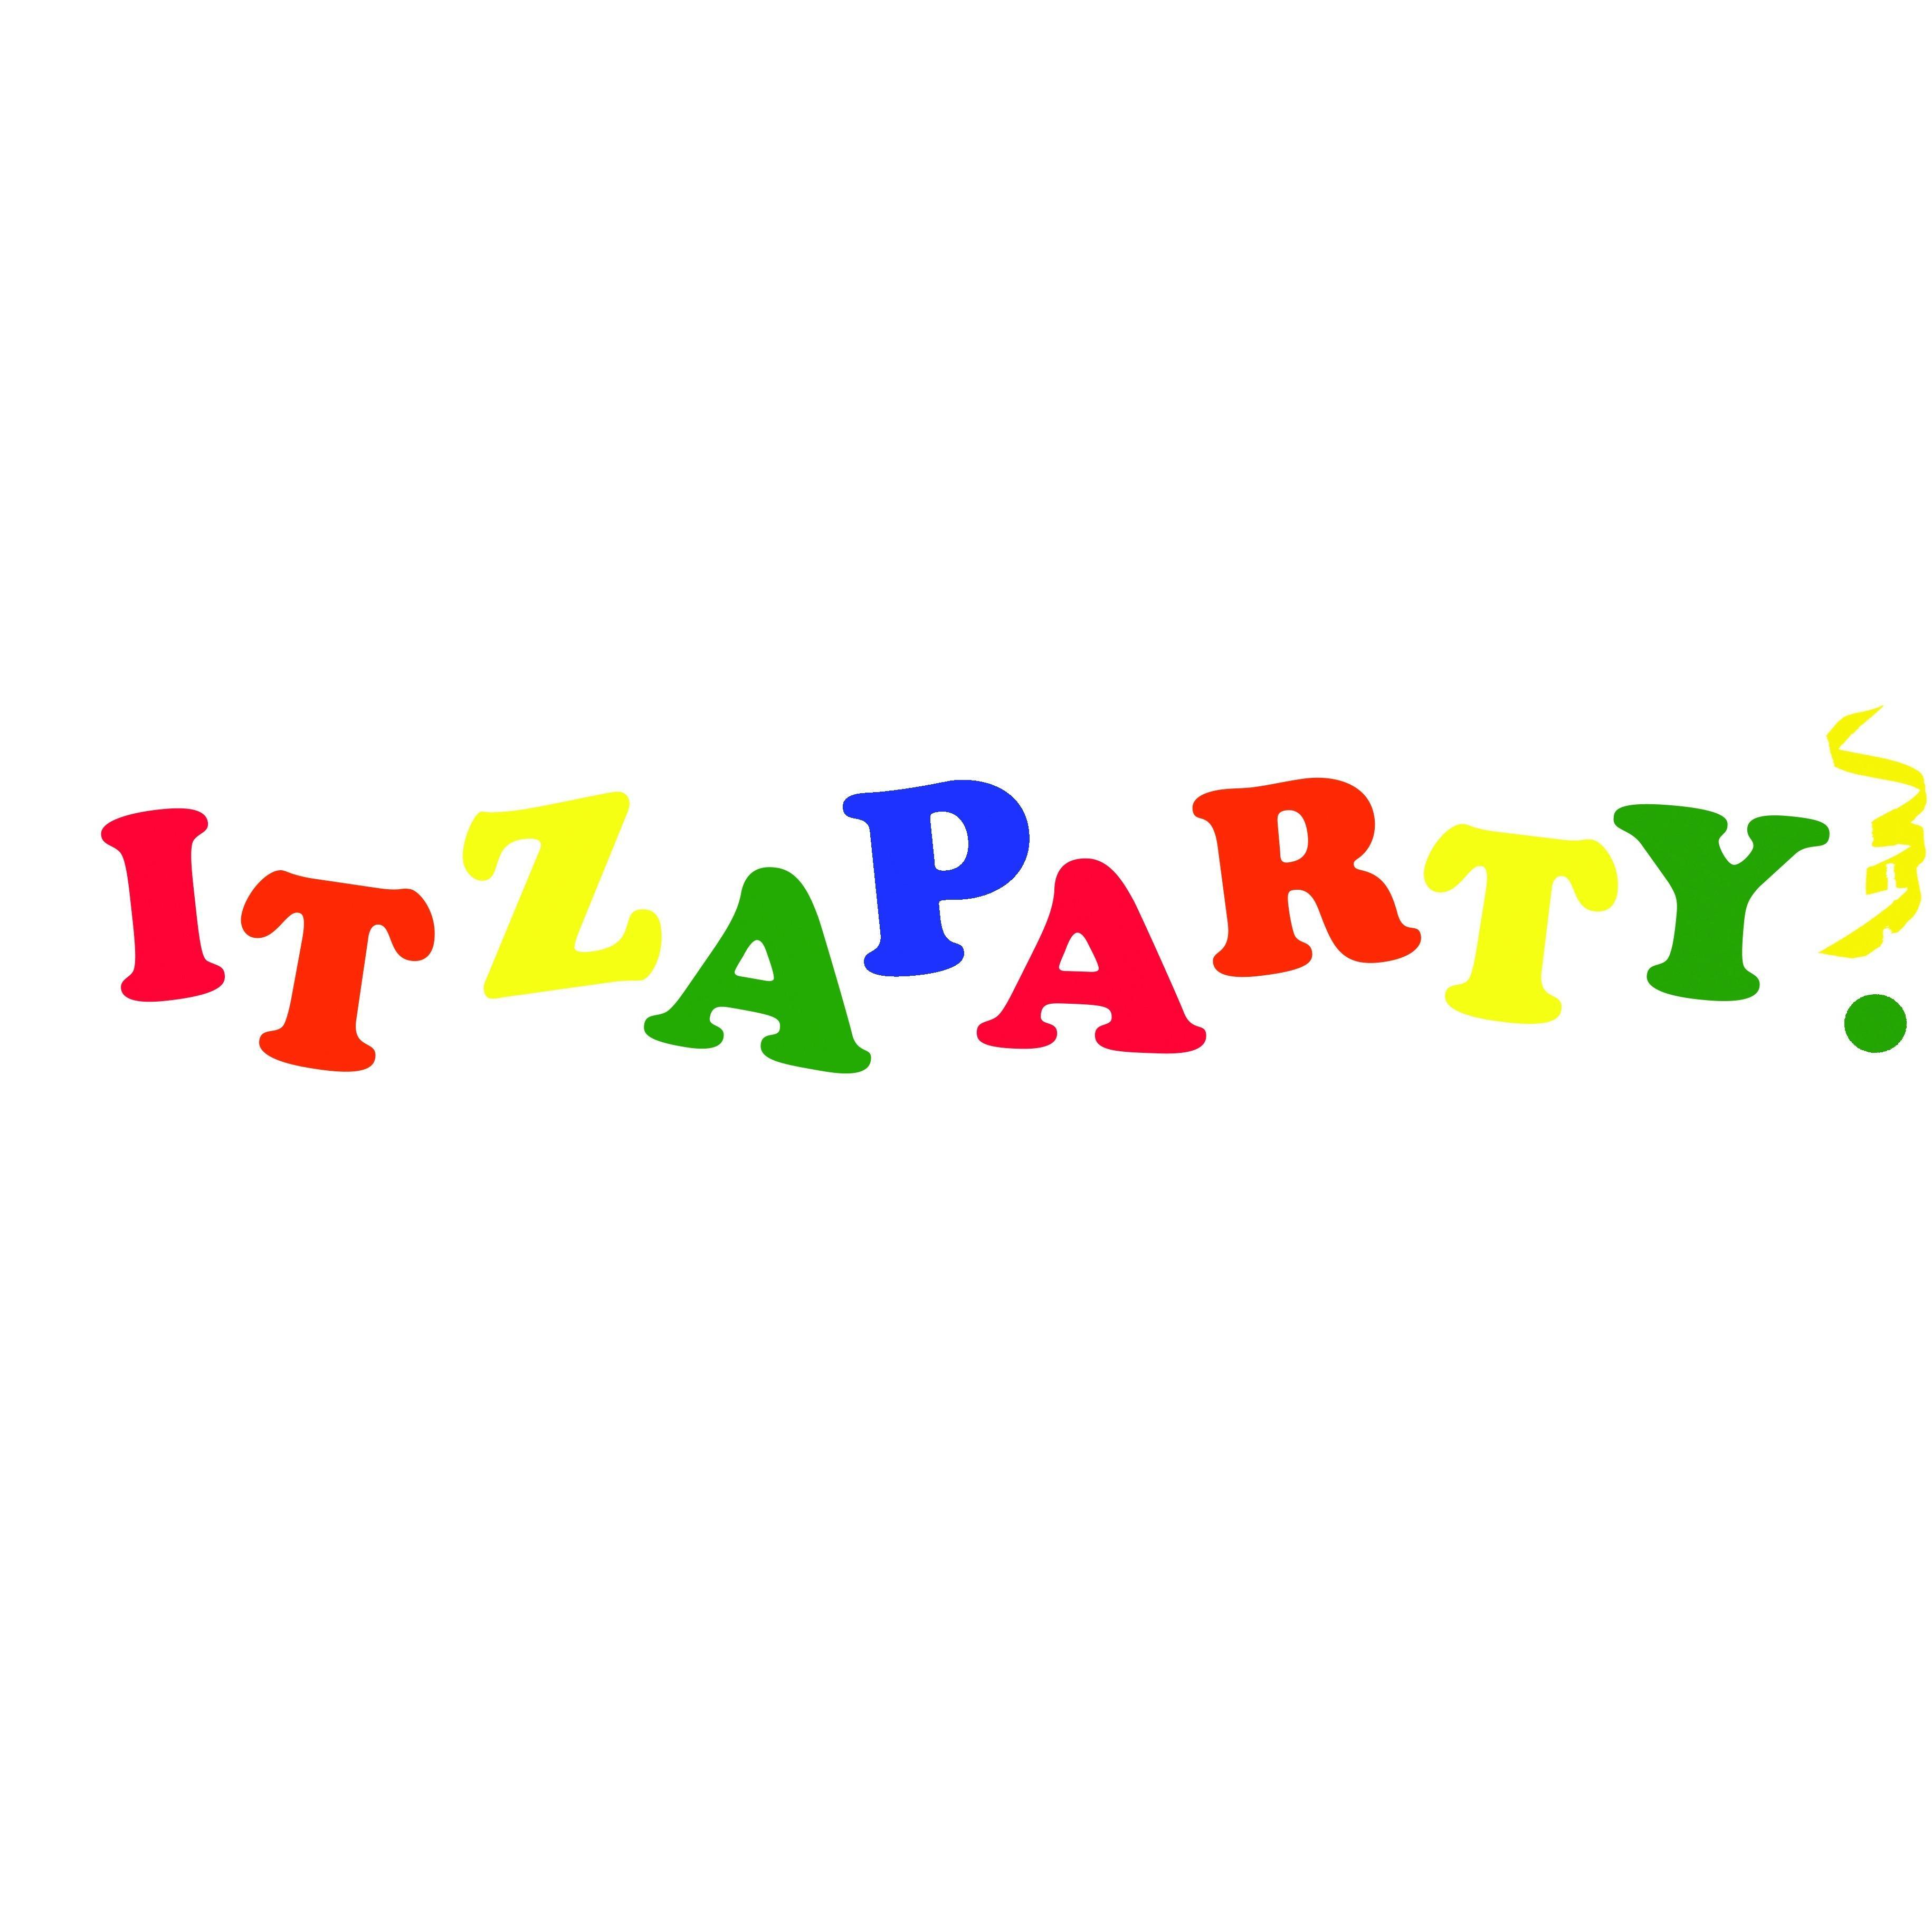 ITZAPARTY